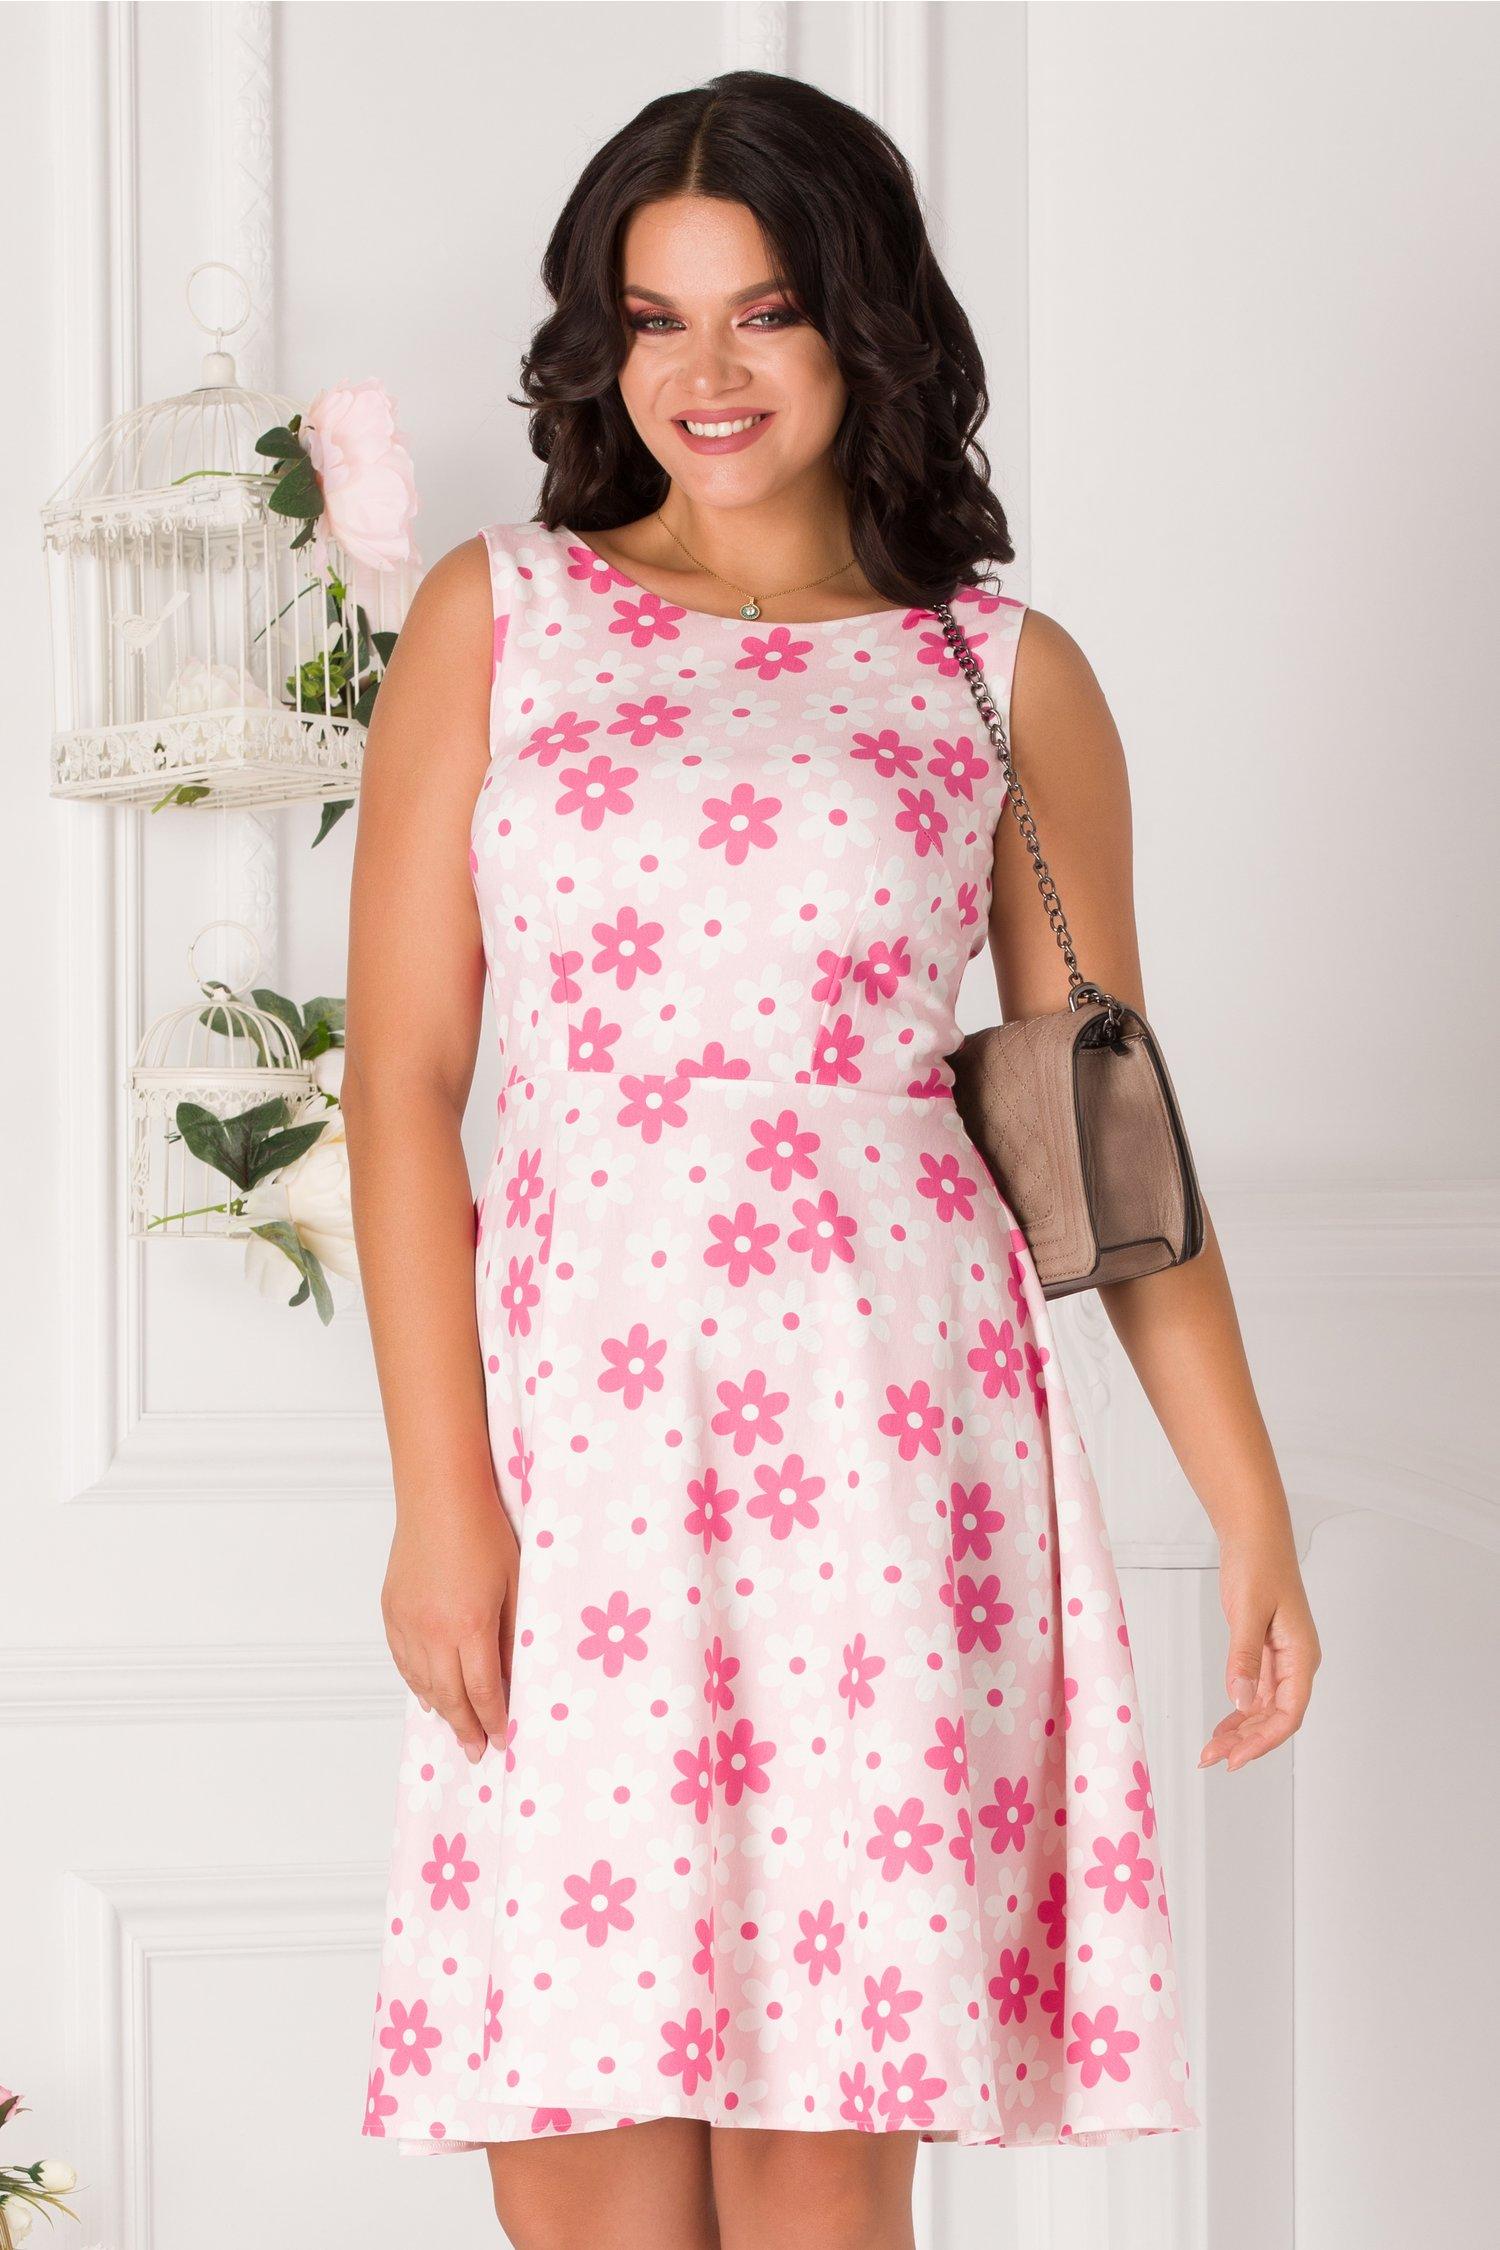 Rochie Timeea roz cu flori fucsia si albe